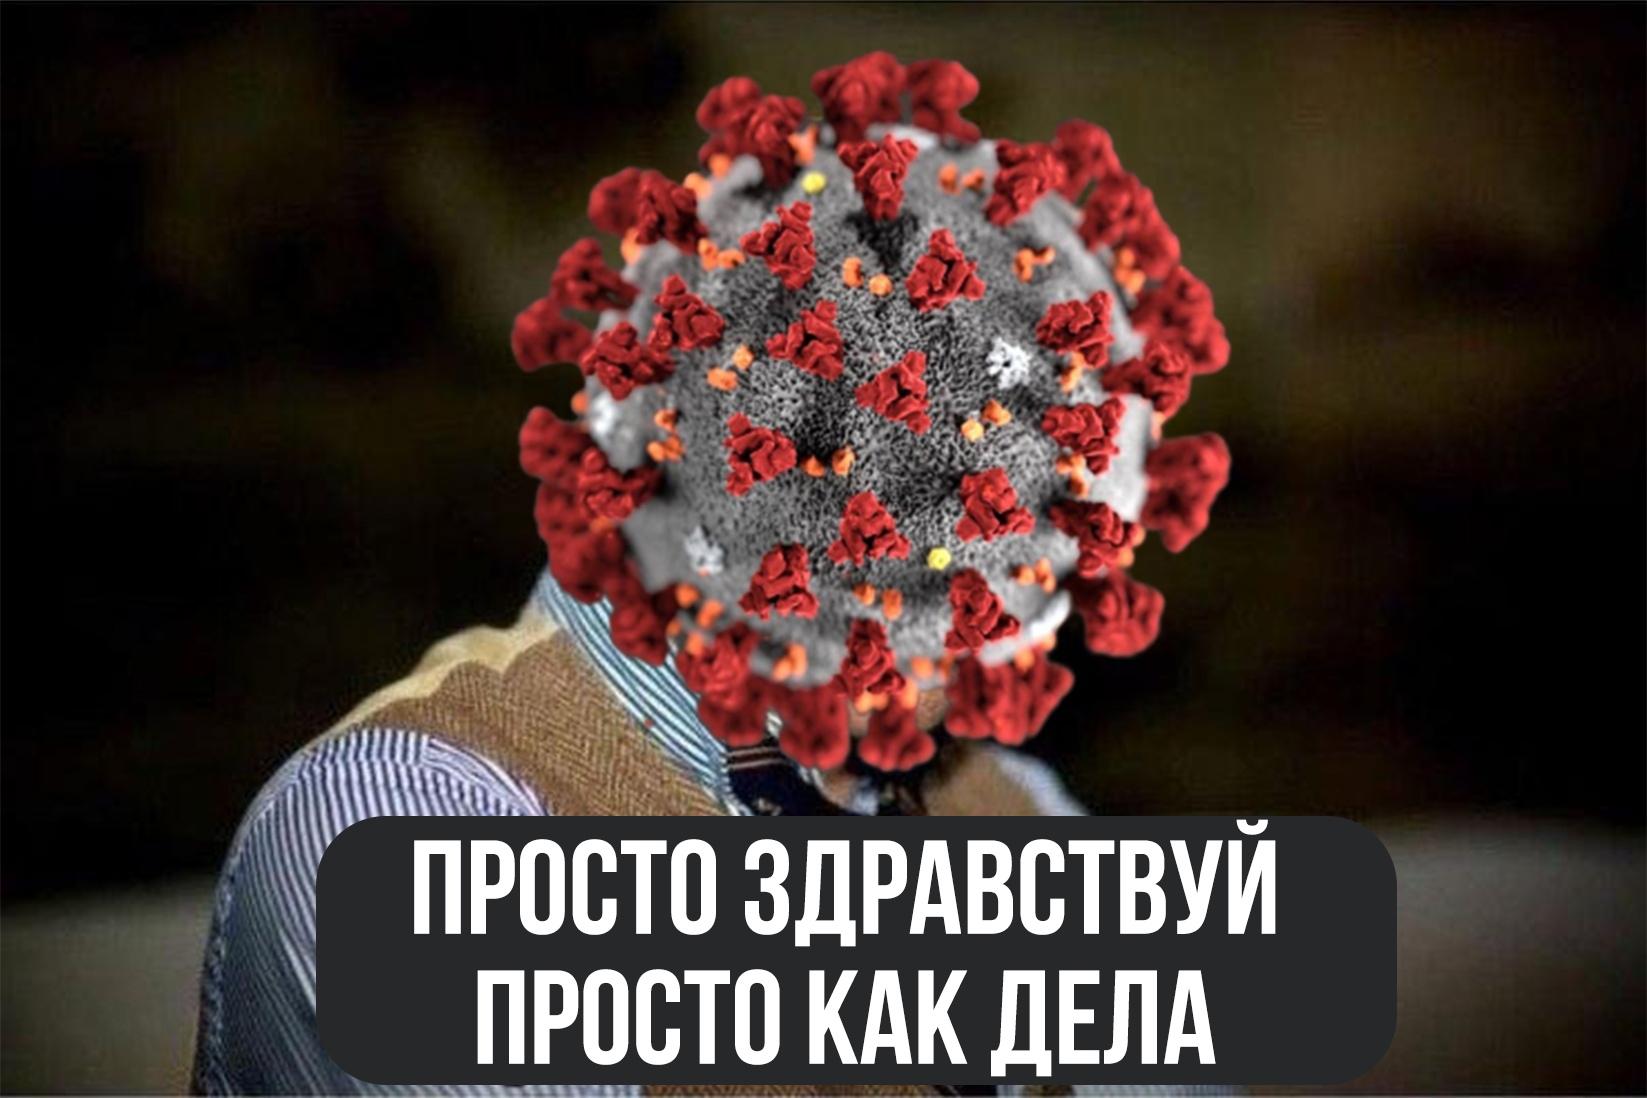 Председатель Ассоциации малых отелей Крыма Наталья Стамбульникова заявила о том, что туристы продолжают бронировать места для отдыха на полуострове, вопреки слухам о «второй волне» COVID-19.